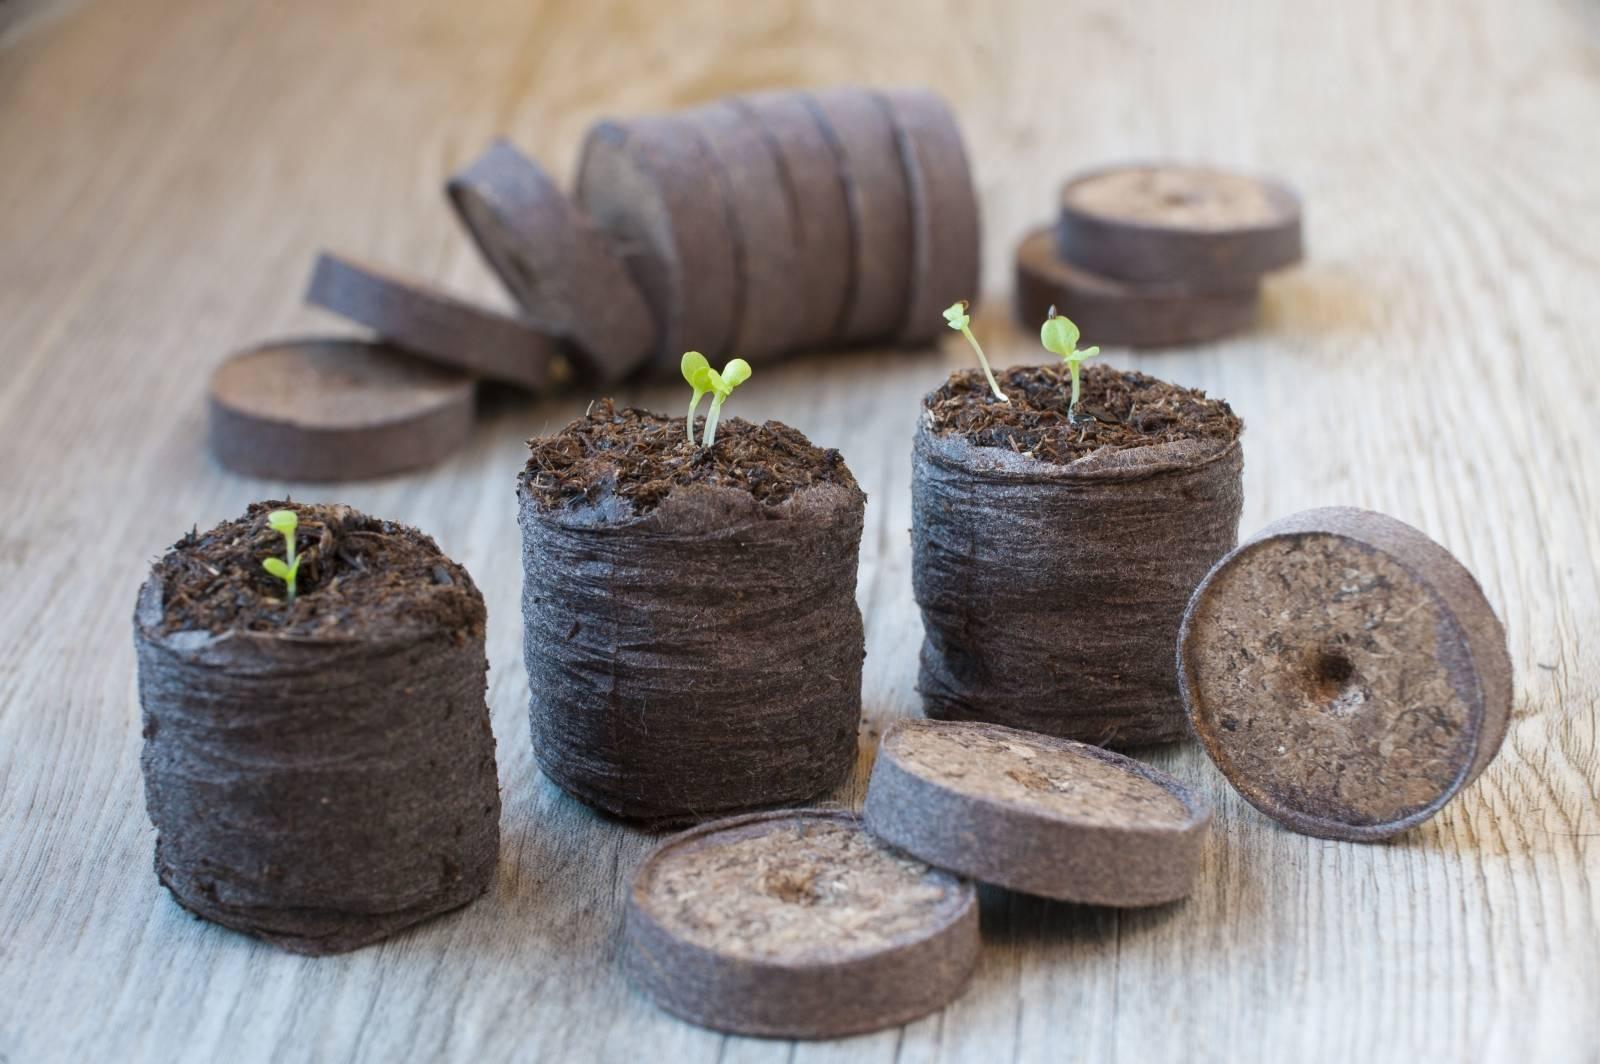 Кокосовый субстрат: применение для рассады и как приготовить